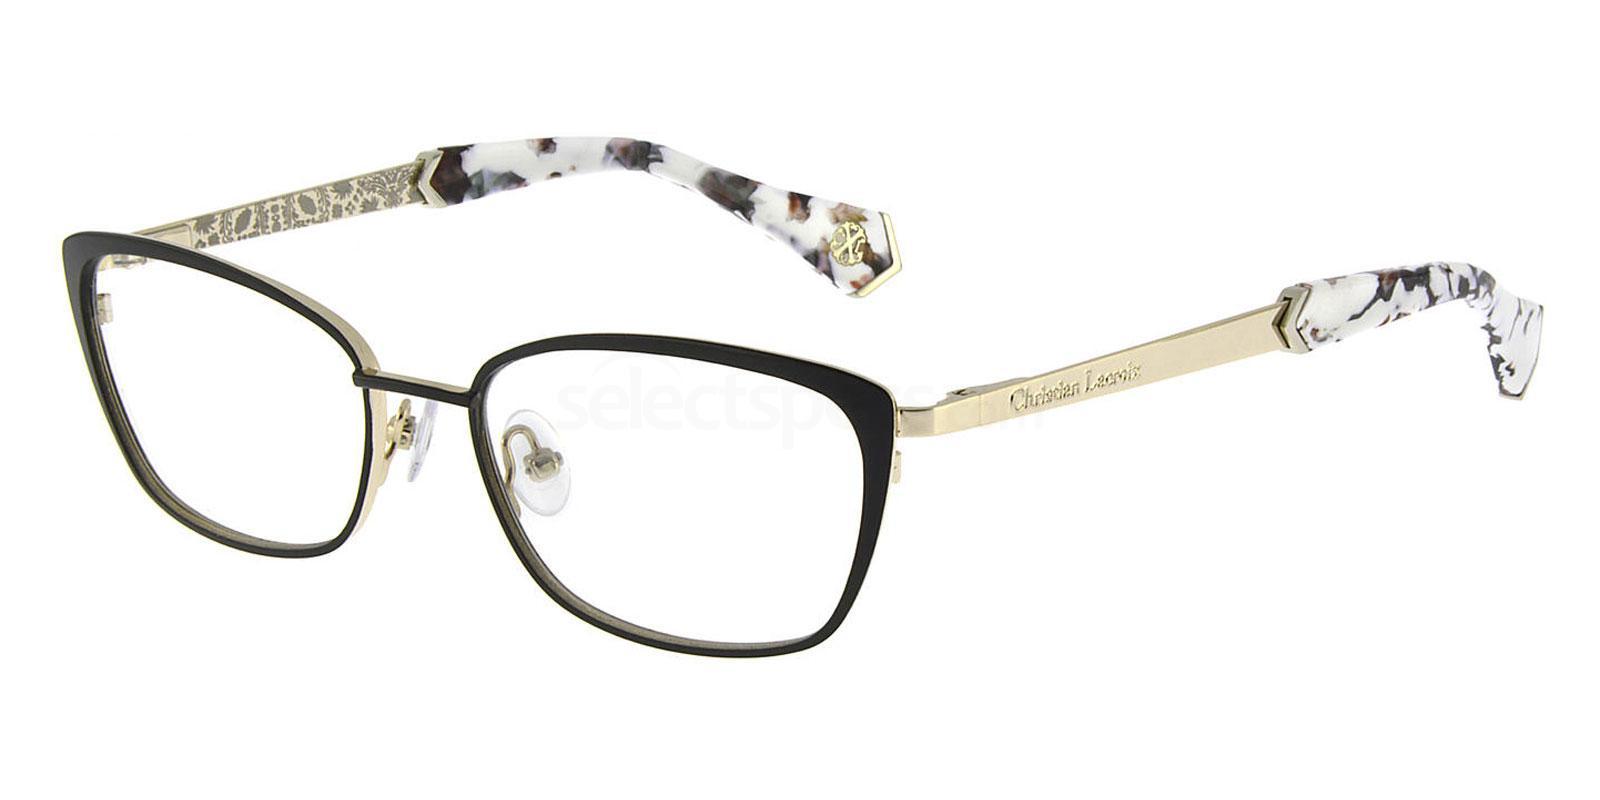 001 CL3045 Glasses, Christian Lacroix